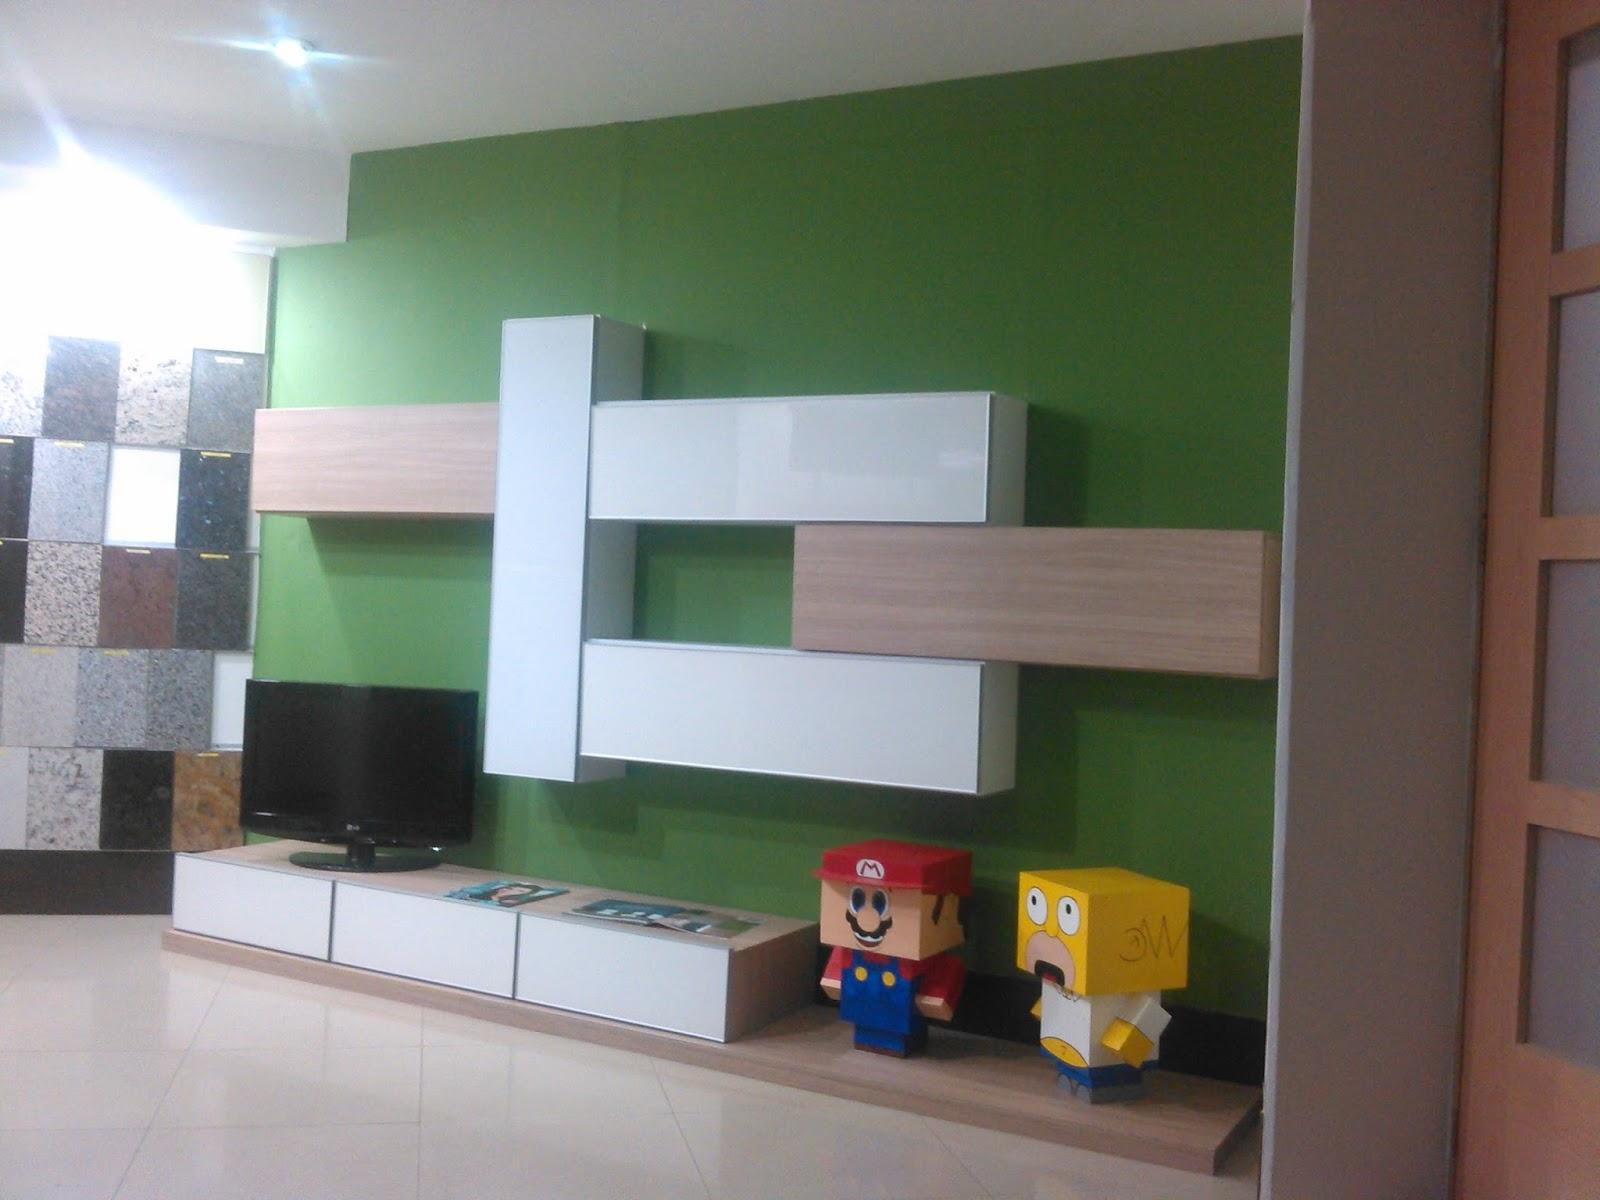 Deco Design Programa de diseño de muebles en 3D - imagenes de diseños de muebles